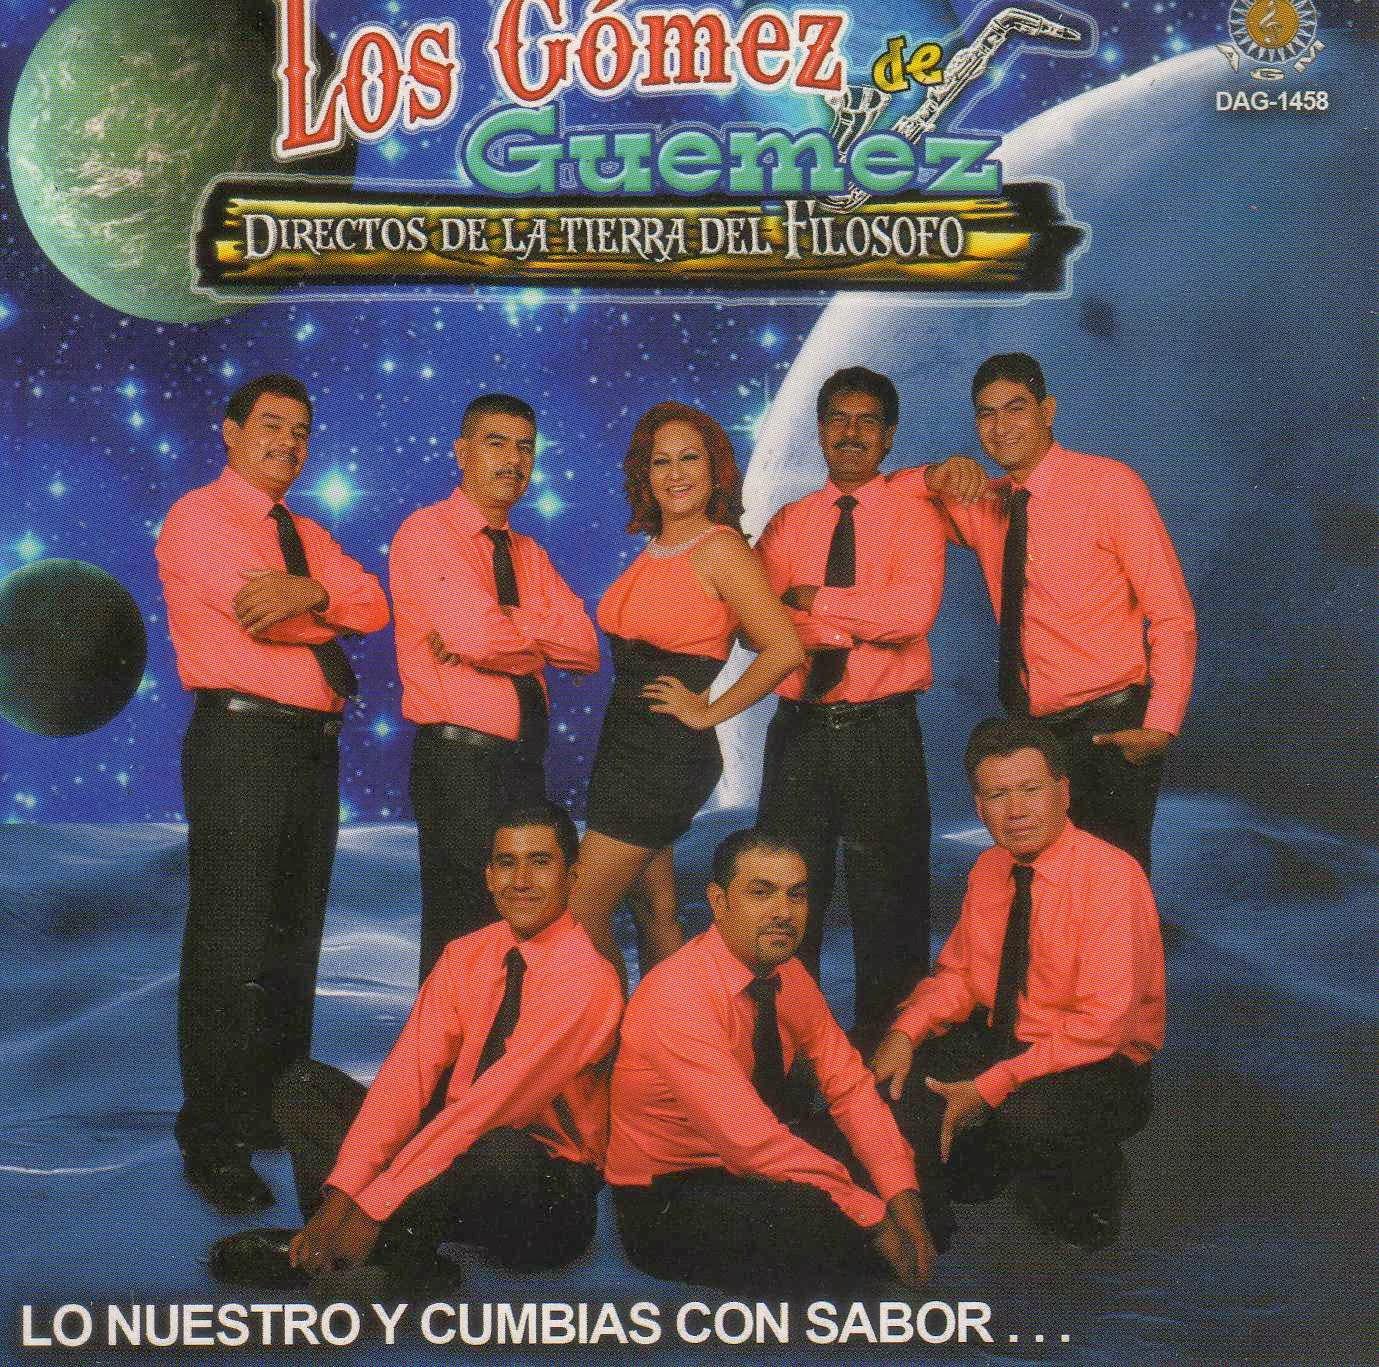 LOS GOMEZ DE GUEMEZ